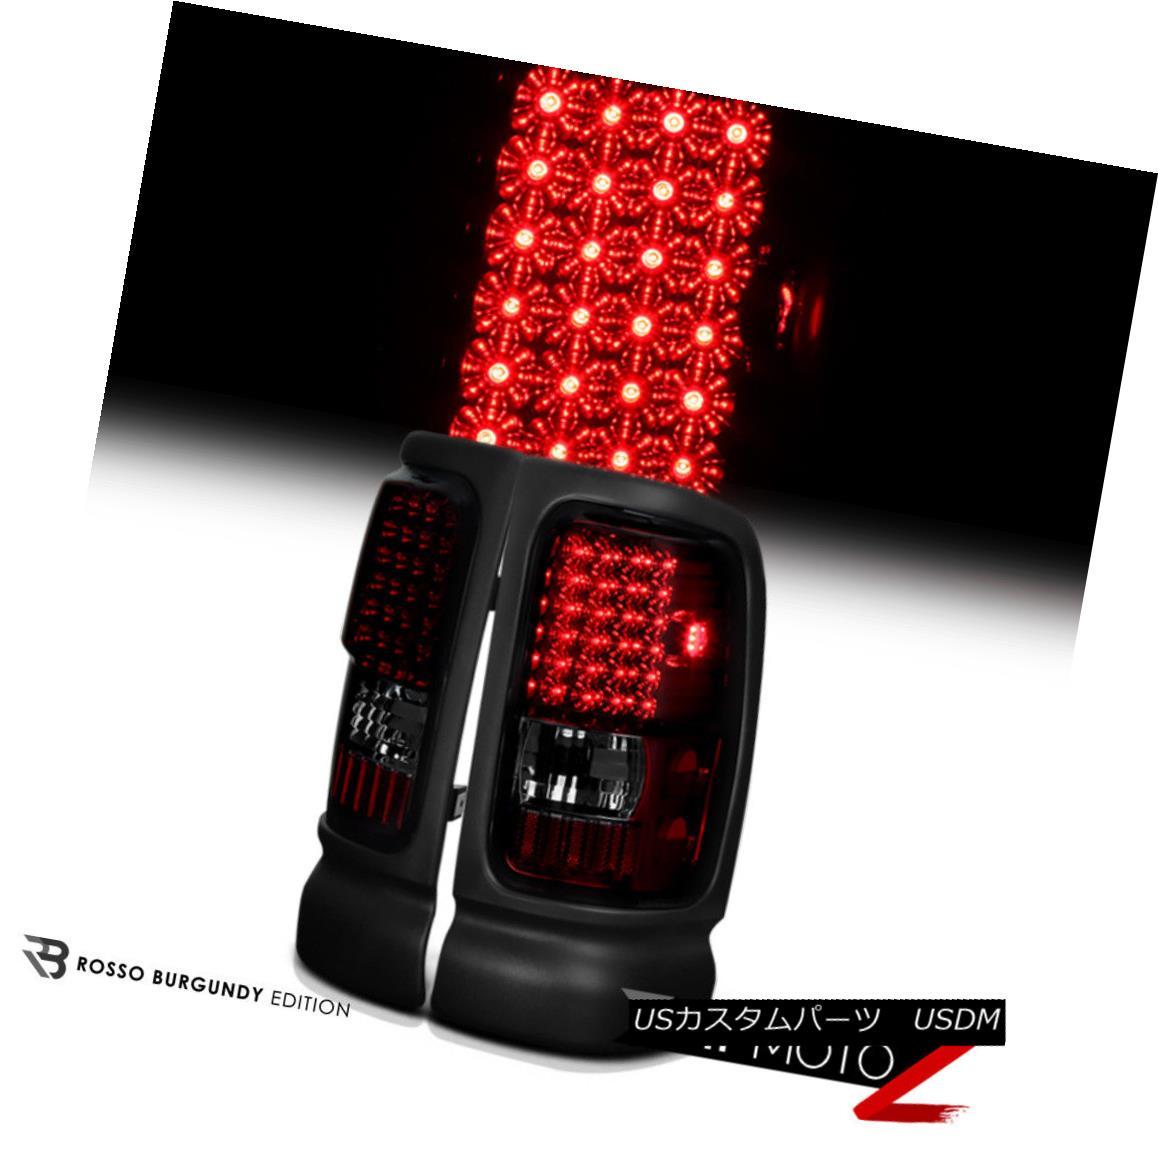 テールライト Lamps Dodge Signal Ram & 94-01 Pickup SMOKE+RED LED Brake & Turn Signal STOP Tail Light Lamps Dodge Ram 94-01ピックアップSMOKE + RED LEDブレーキ& ターンシグナルSTOPテールライトランプ, 銀座 東京フラワー:8b1784fa --- officewill.xsrv.jp